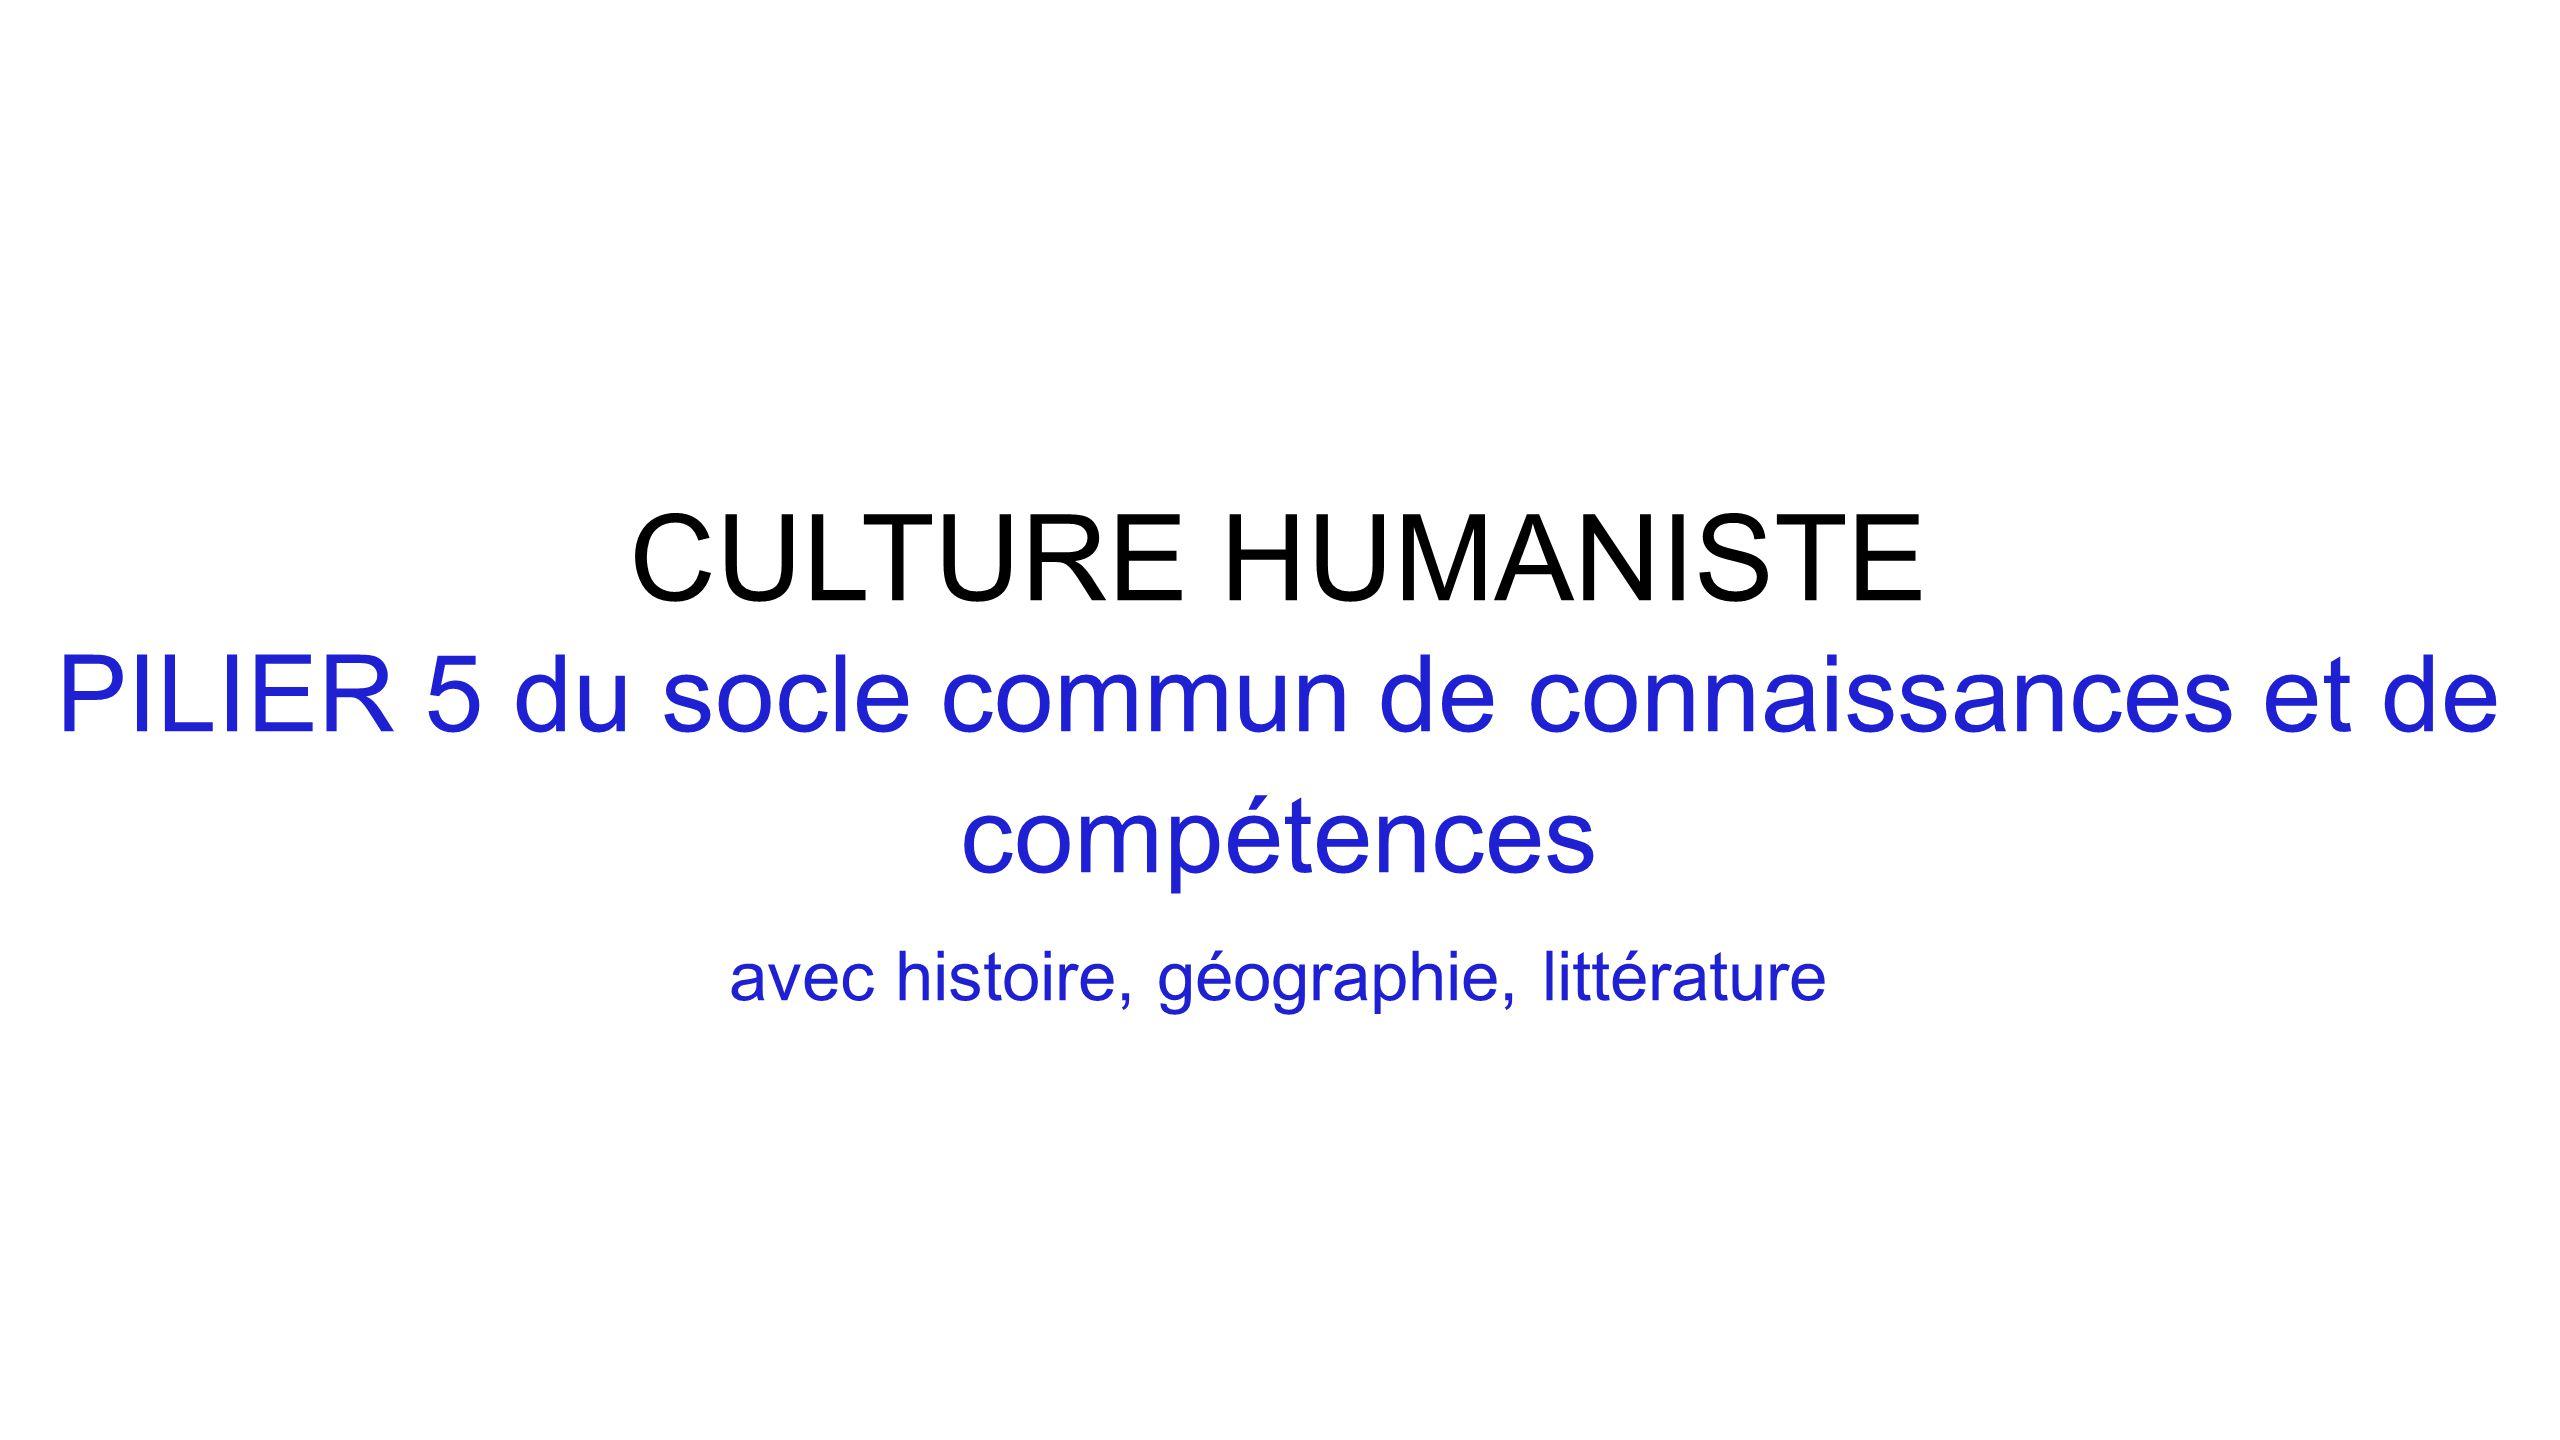 CULTURE HUMANISTE PILIER 5 du socle commun de connaissances et de compétences.